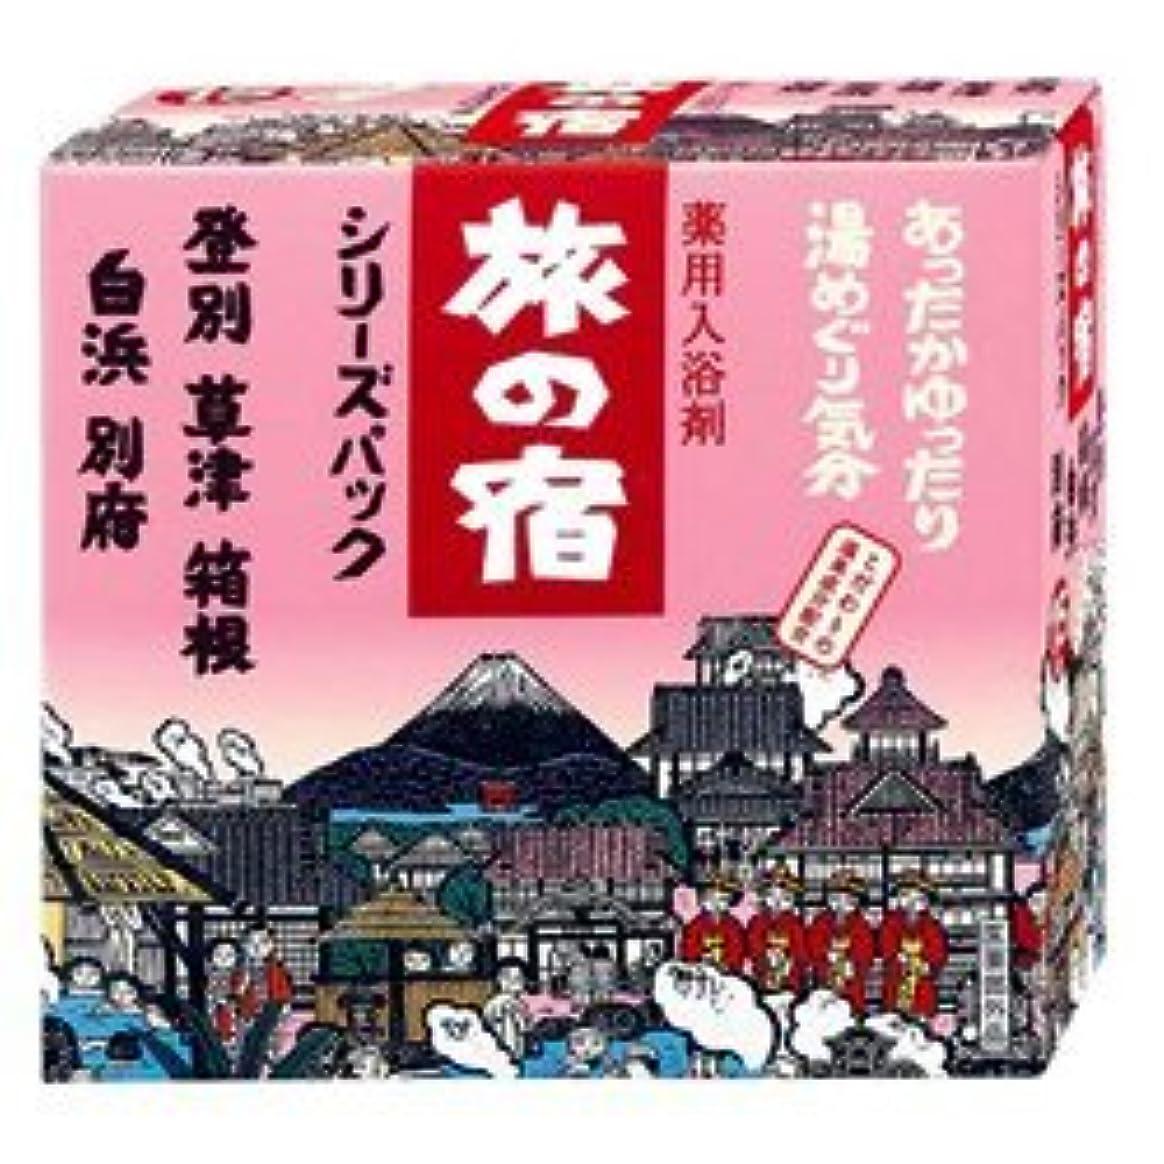 メイトフリンジ皿【クラシエ】旅の宿 とうめい湯シリーズパック 15H ×10個セット